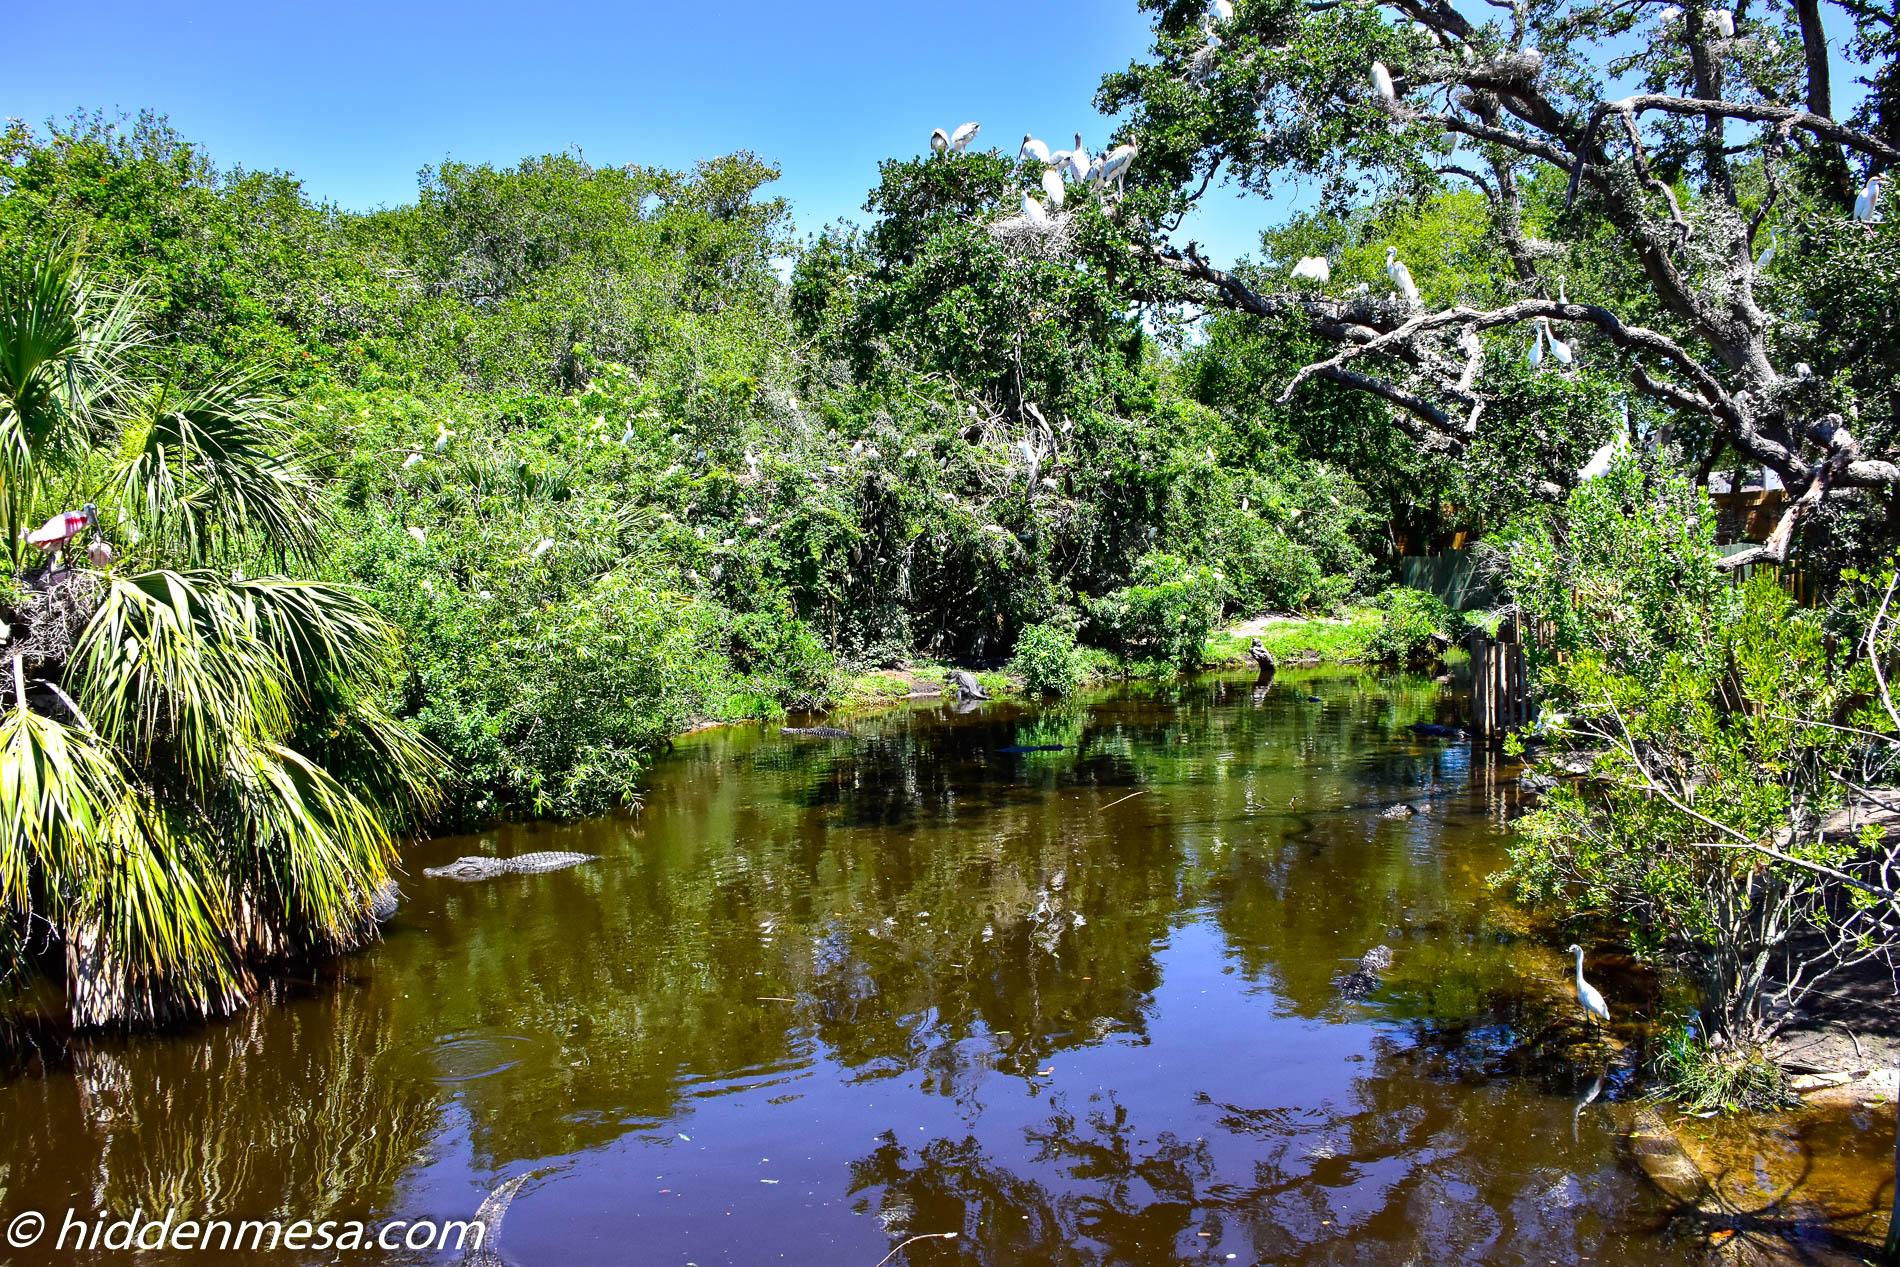 Alligator Lagoon and Wading Bird Rookery